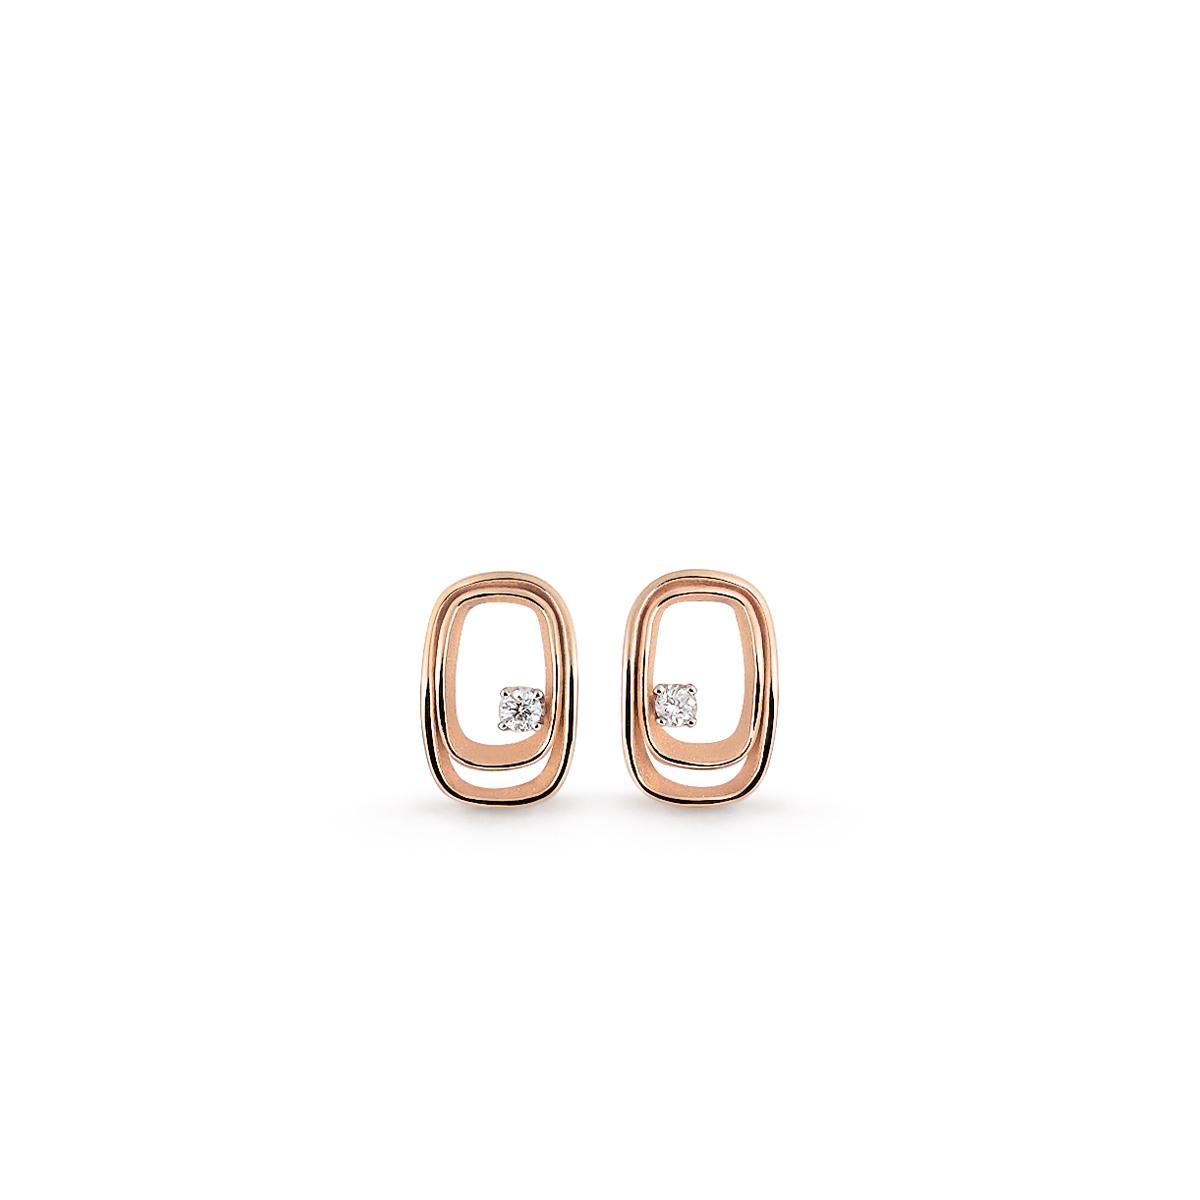 Annamaria Cammilli Dune Ohrschmuck aus 18 Karat Pink Champagne Gold mit Brillanten